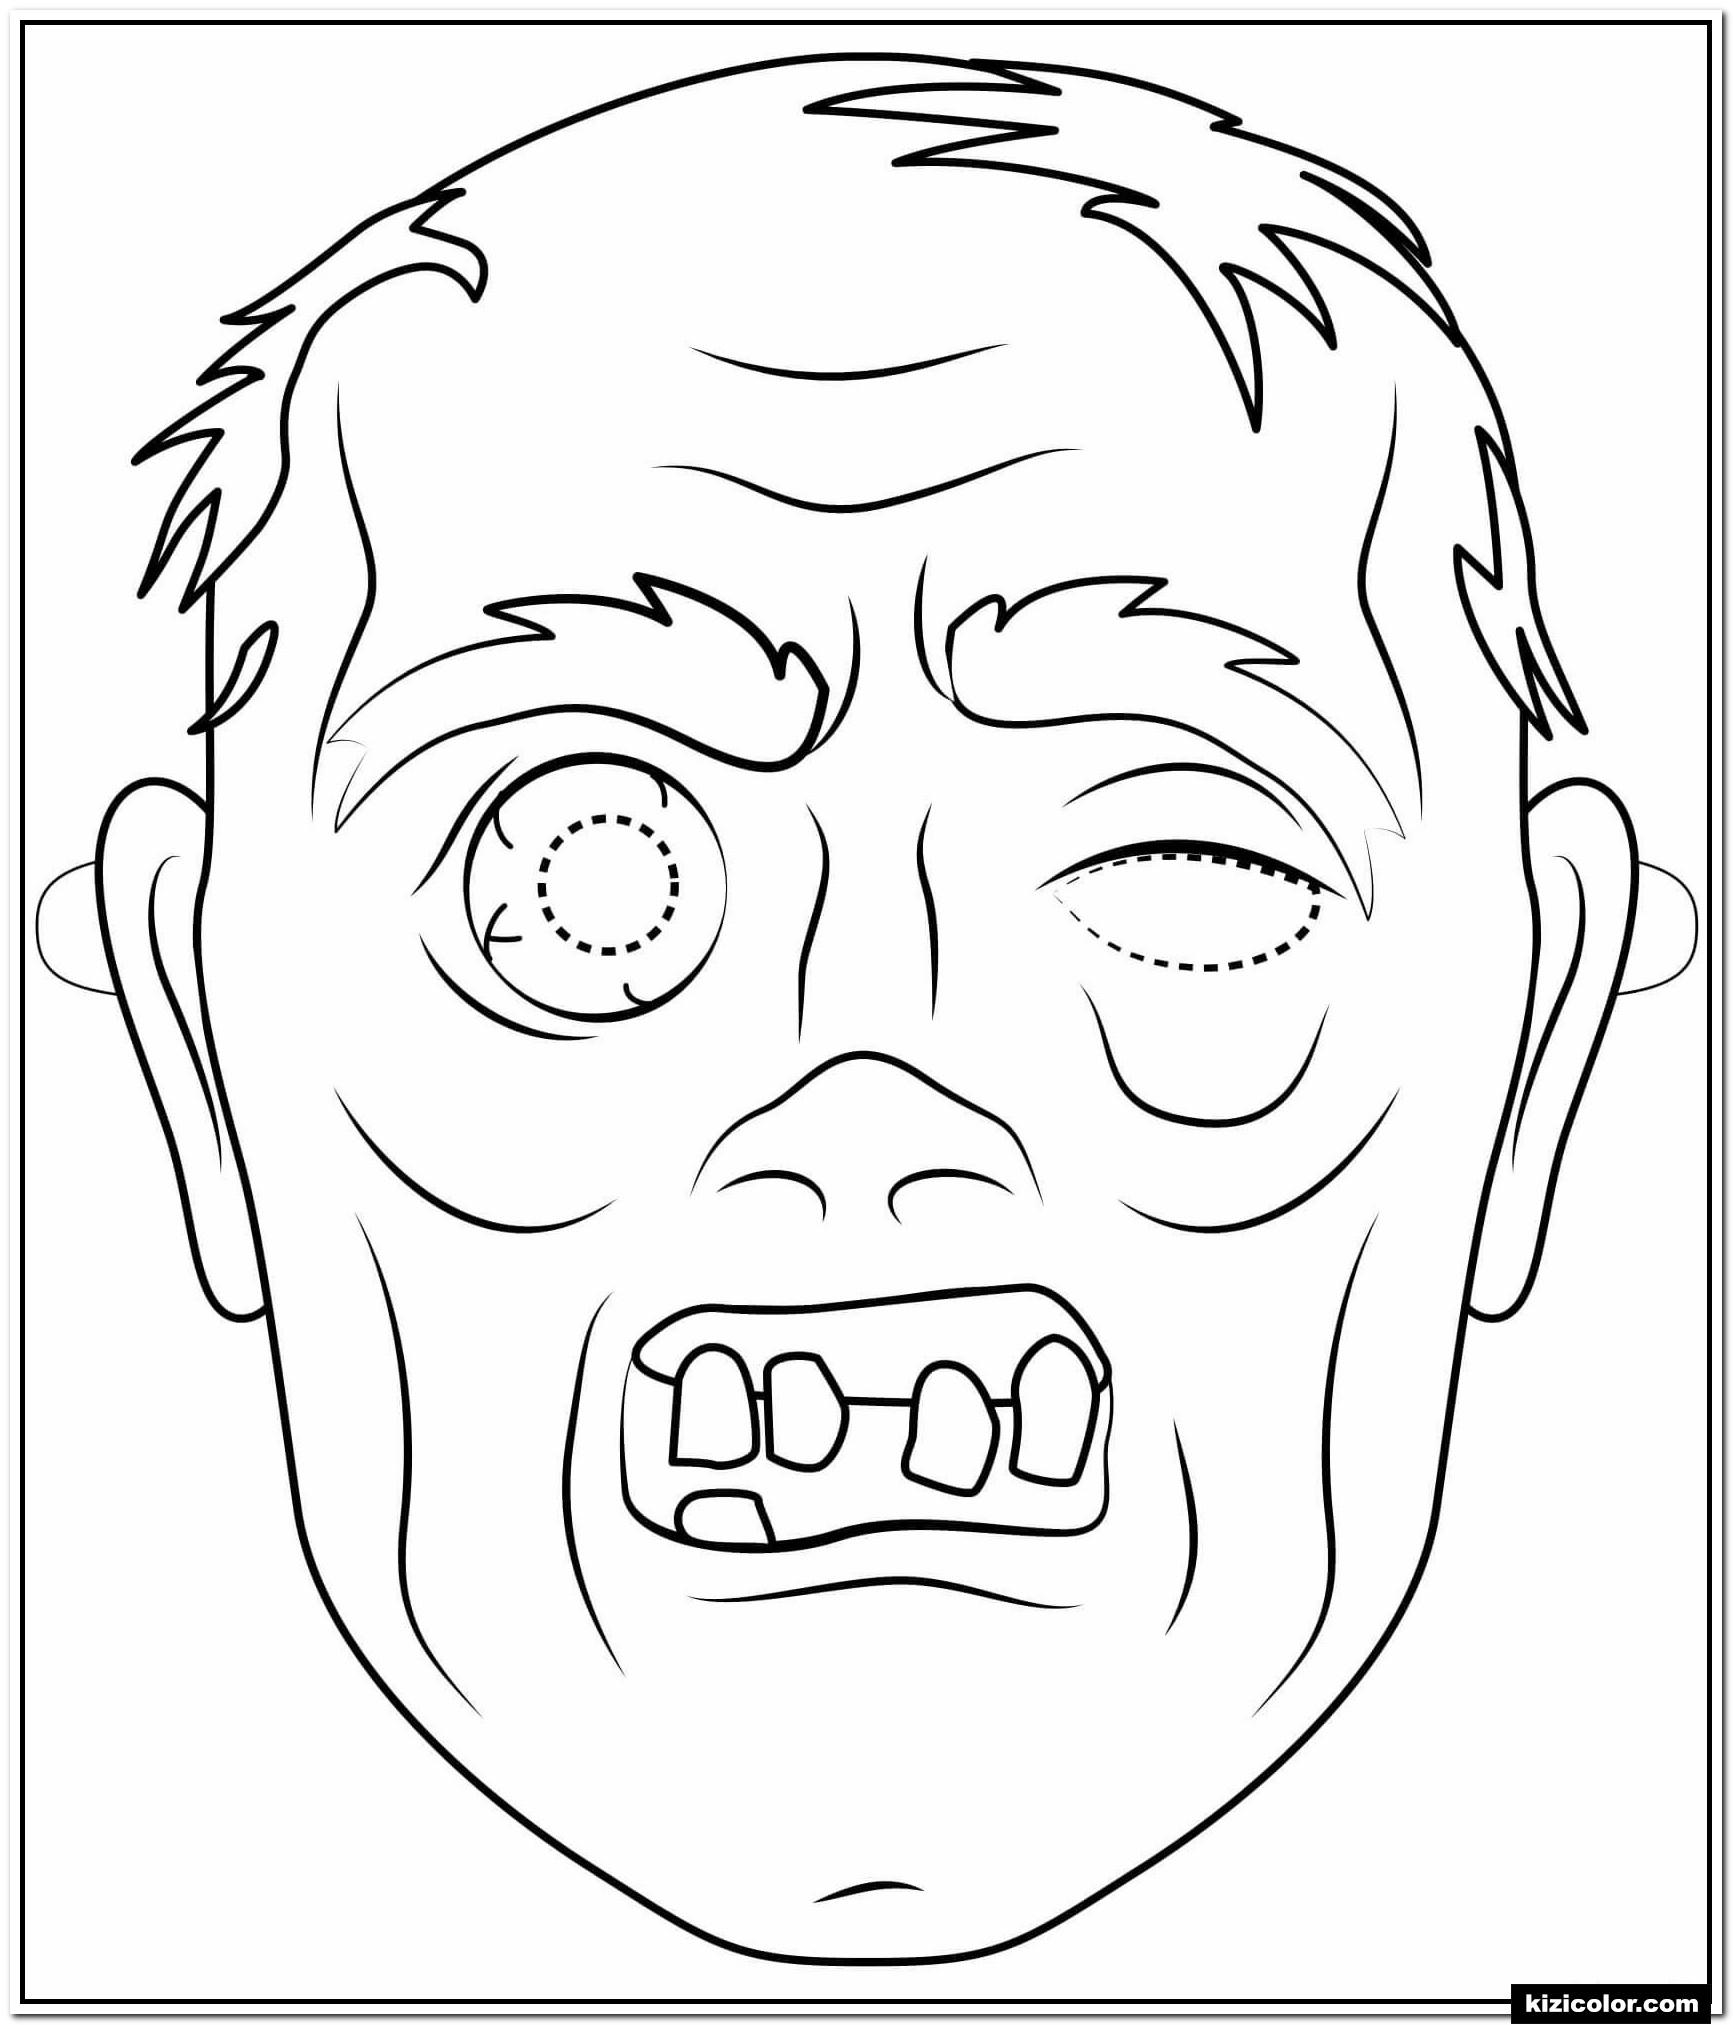 🎨 Zombie Maske Skizzieren Halloween - Ausmalbilder für Halloween Masken Zum Ausdrucken Kostenlos